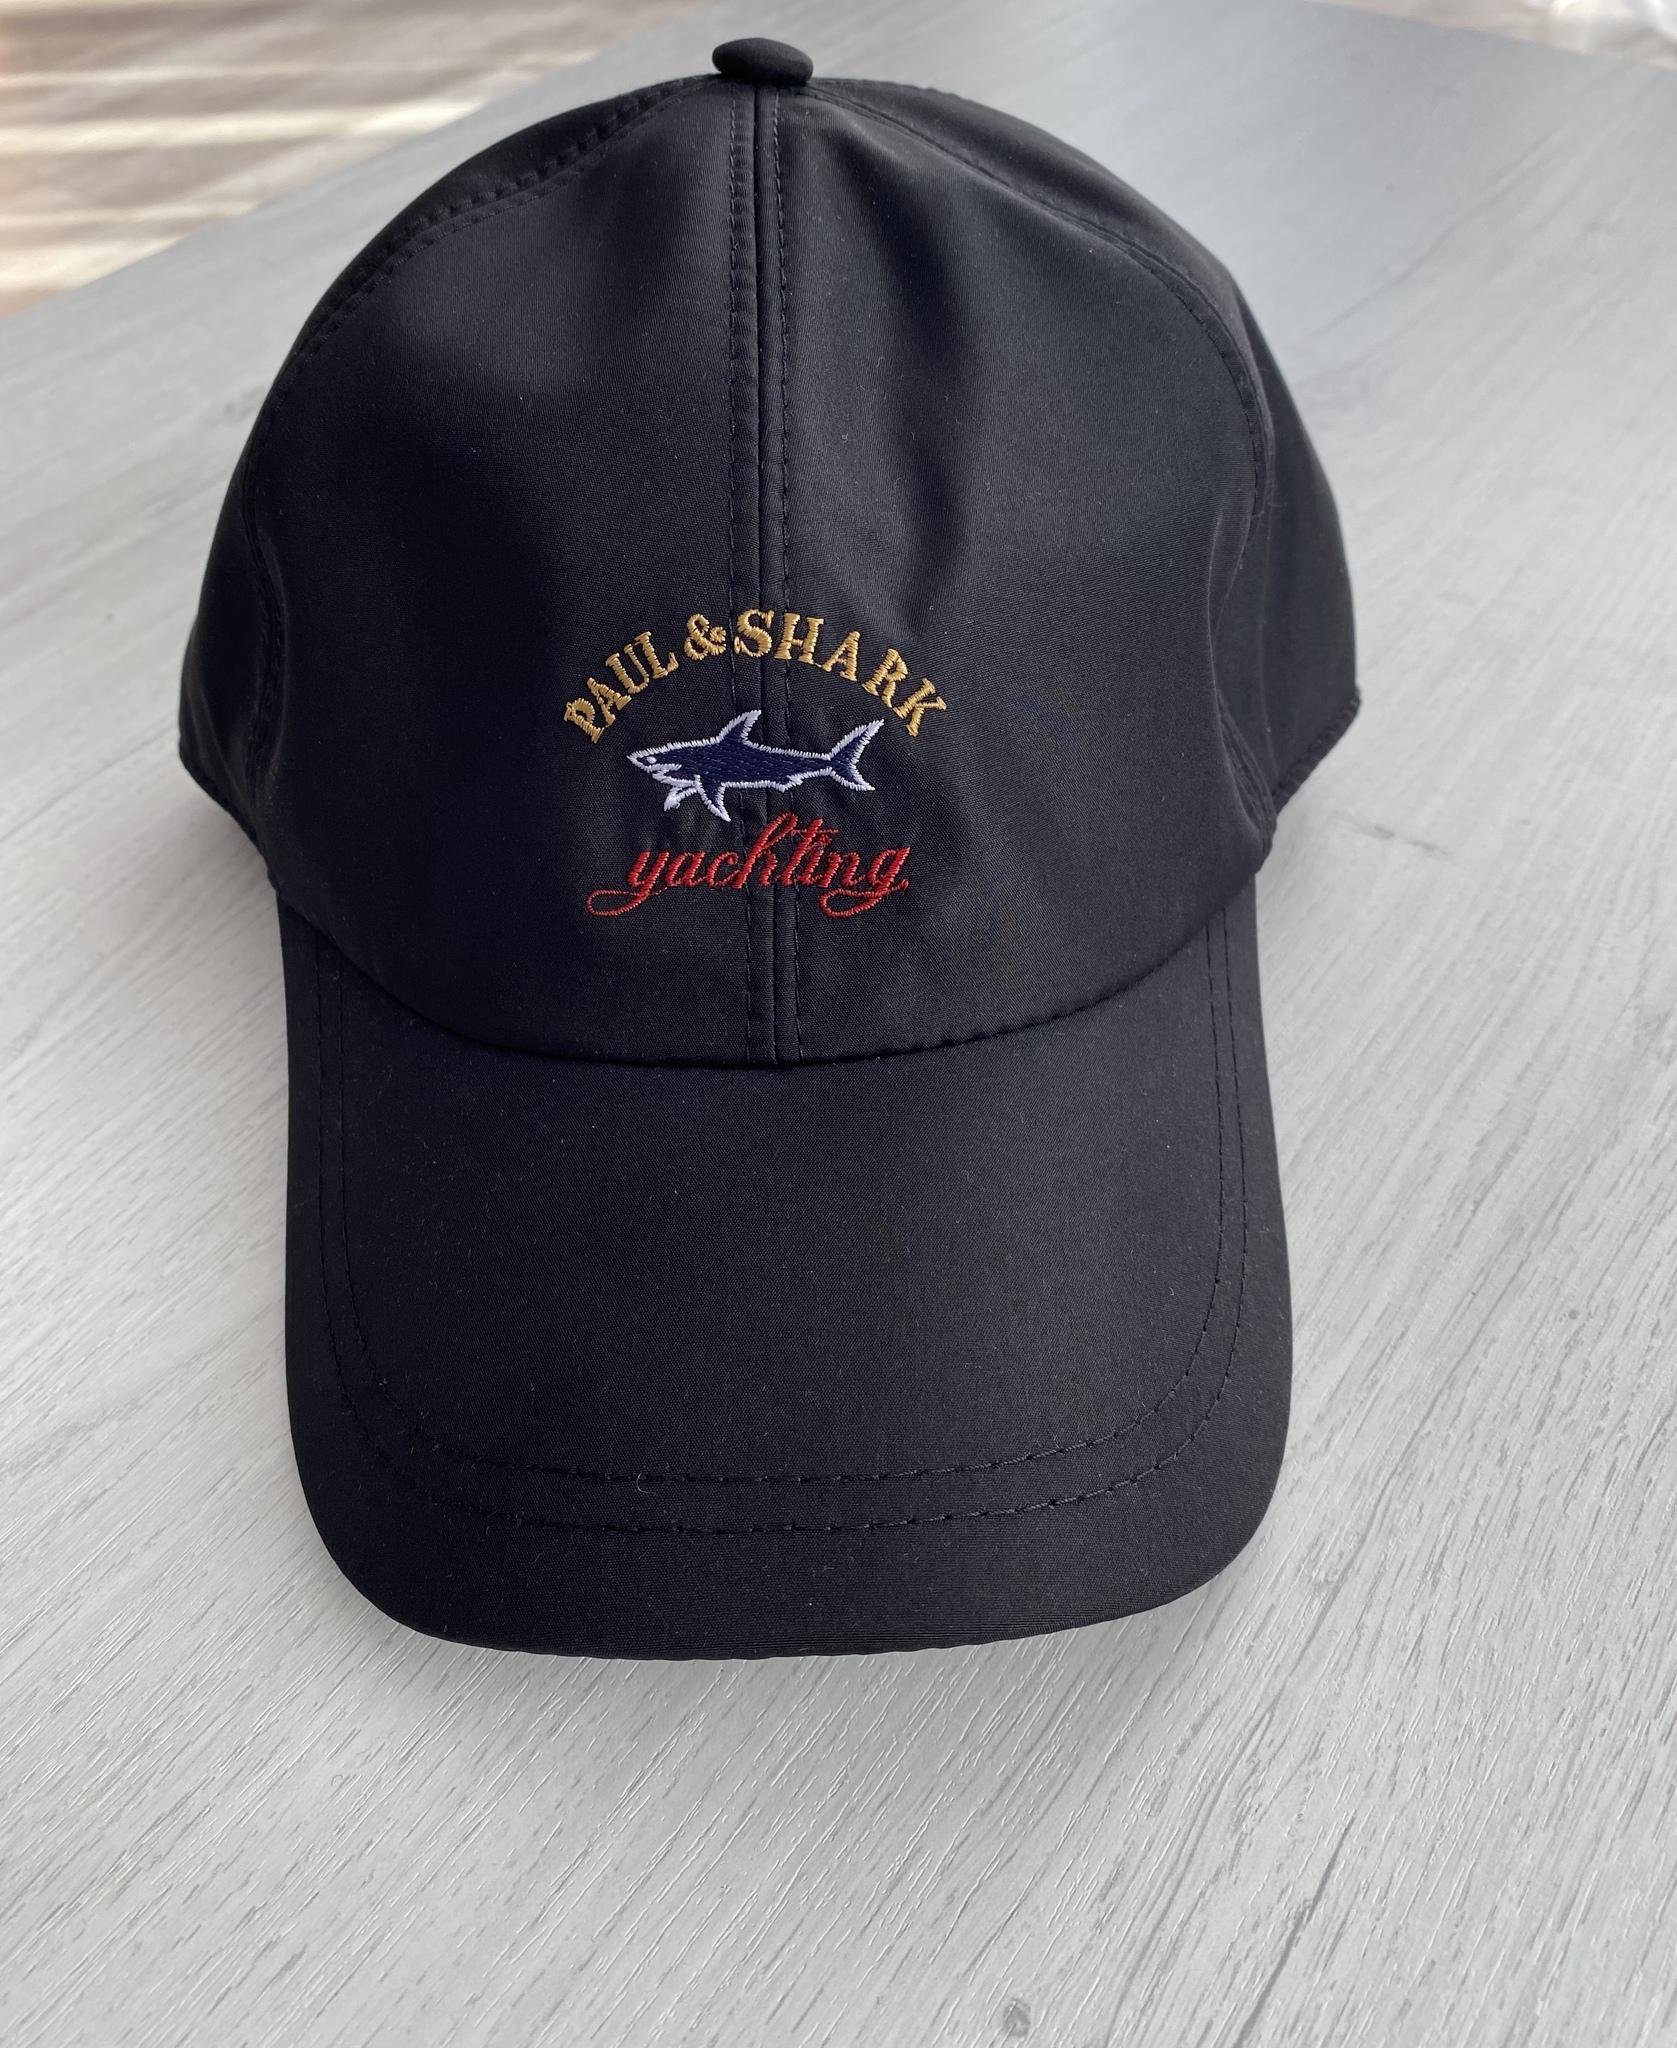 """Мужские шапки и кепки Paul Shark Кепка """"Paul and Shark"""" №5 95264CB7-75F9-44CF-9C5C-FF699DC3B81E.jpeg"""